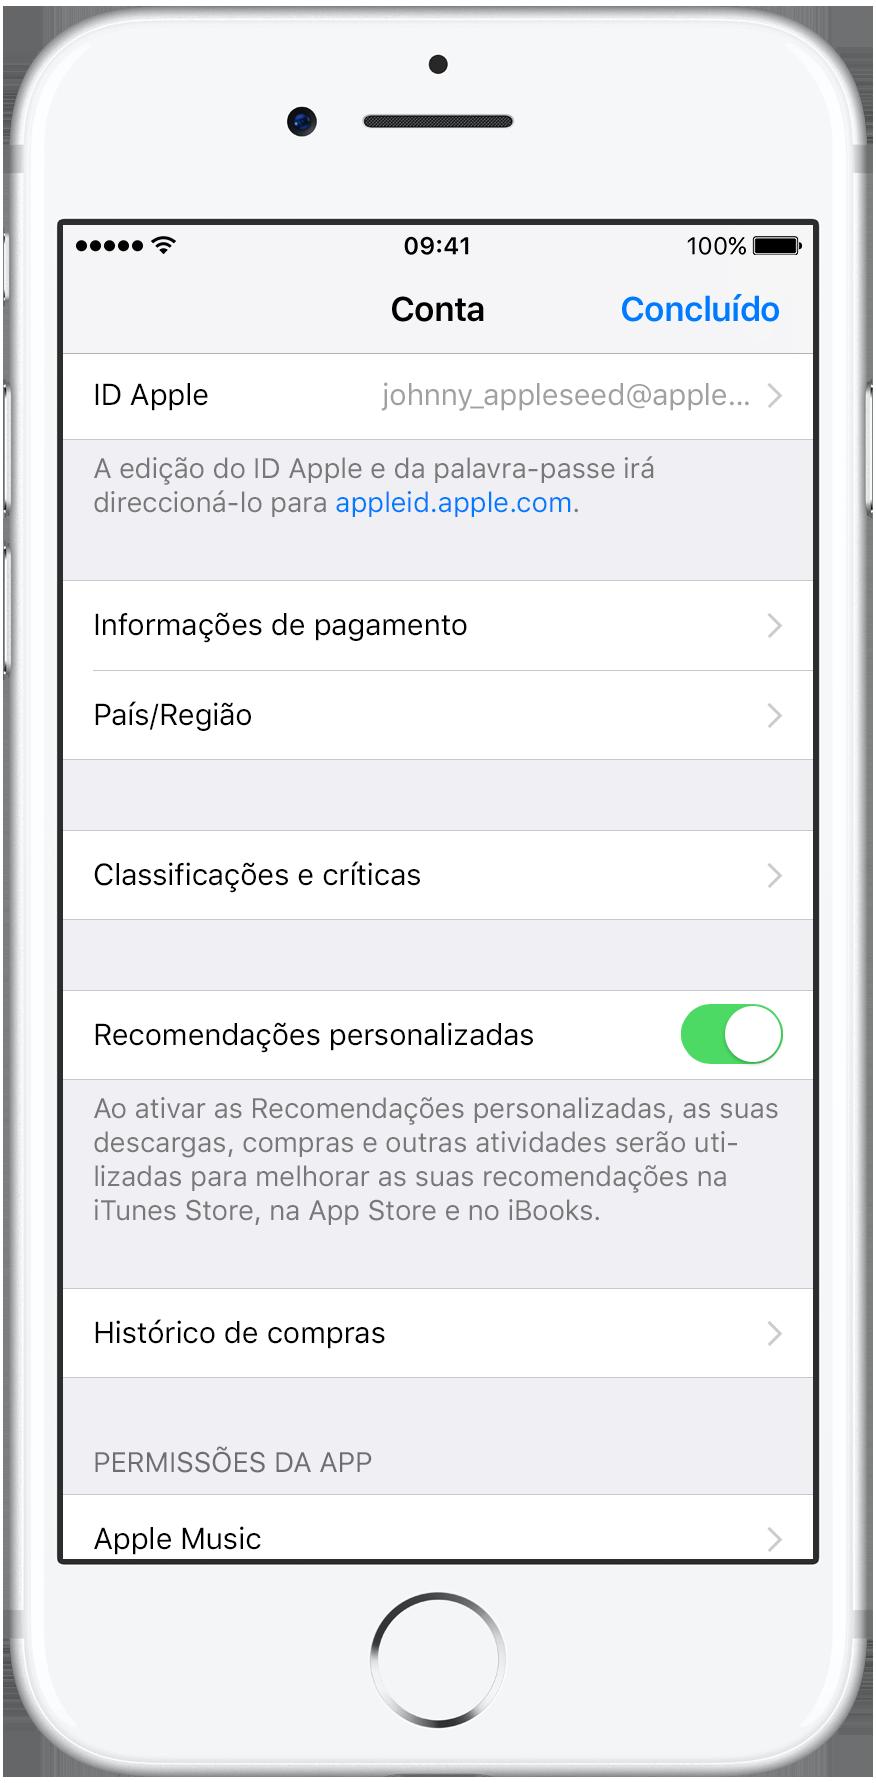 iPhone7-Svr-PF-1xScreenFit_CB_Account_PT-PT_v2.png